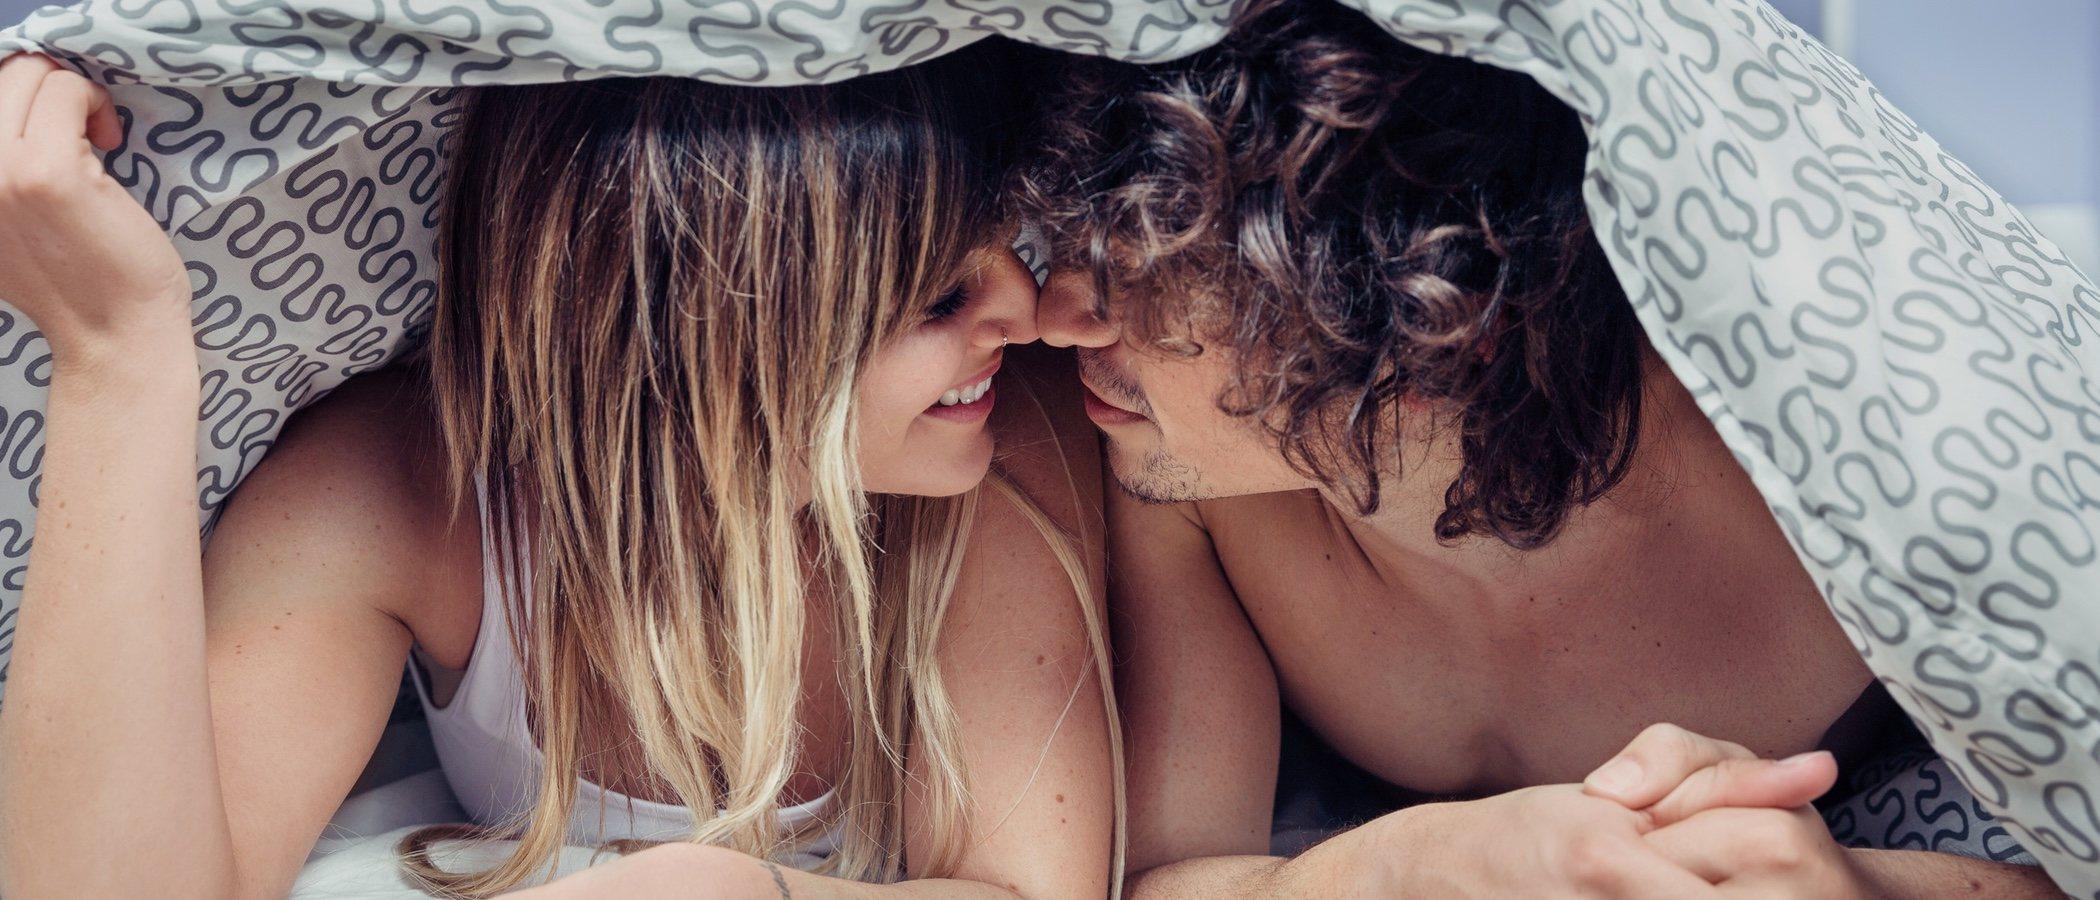 Horóscopo sexual septiembre 2019: Capricornio